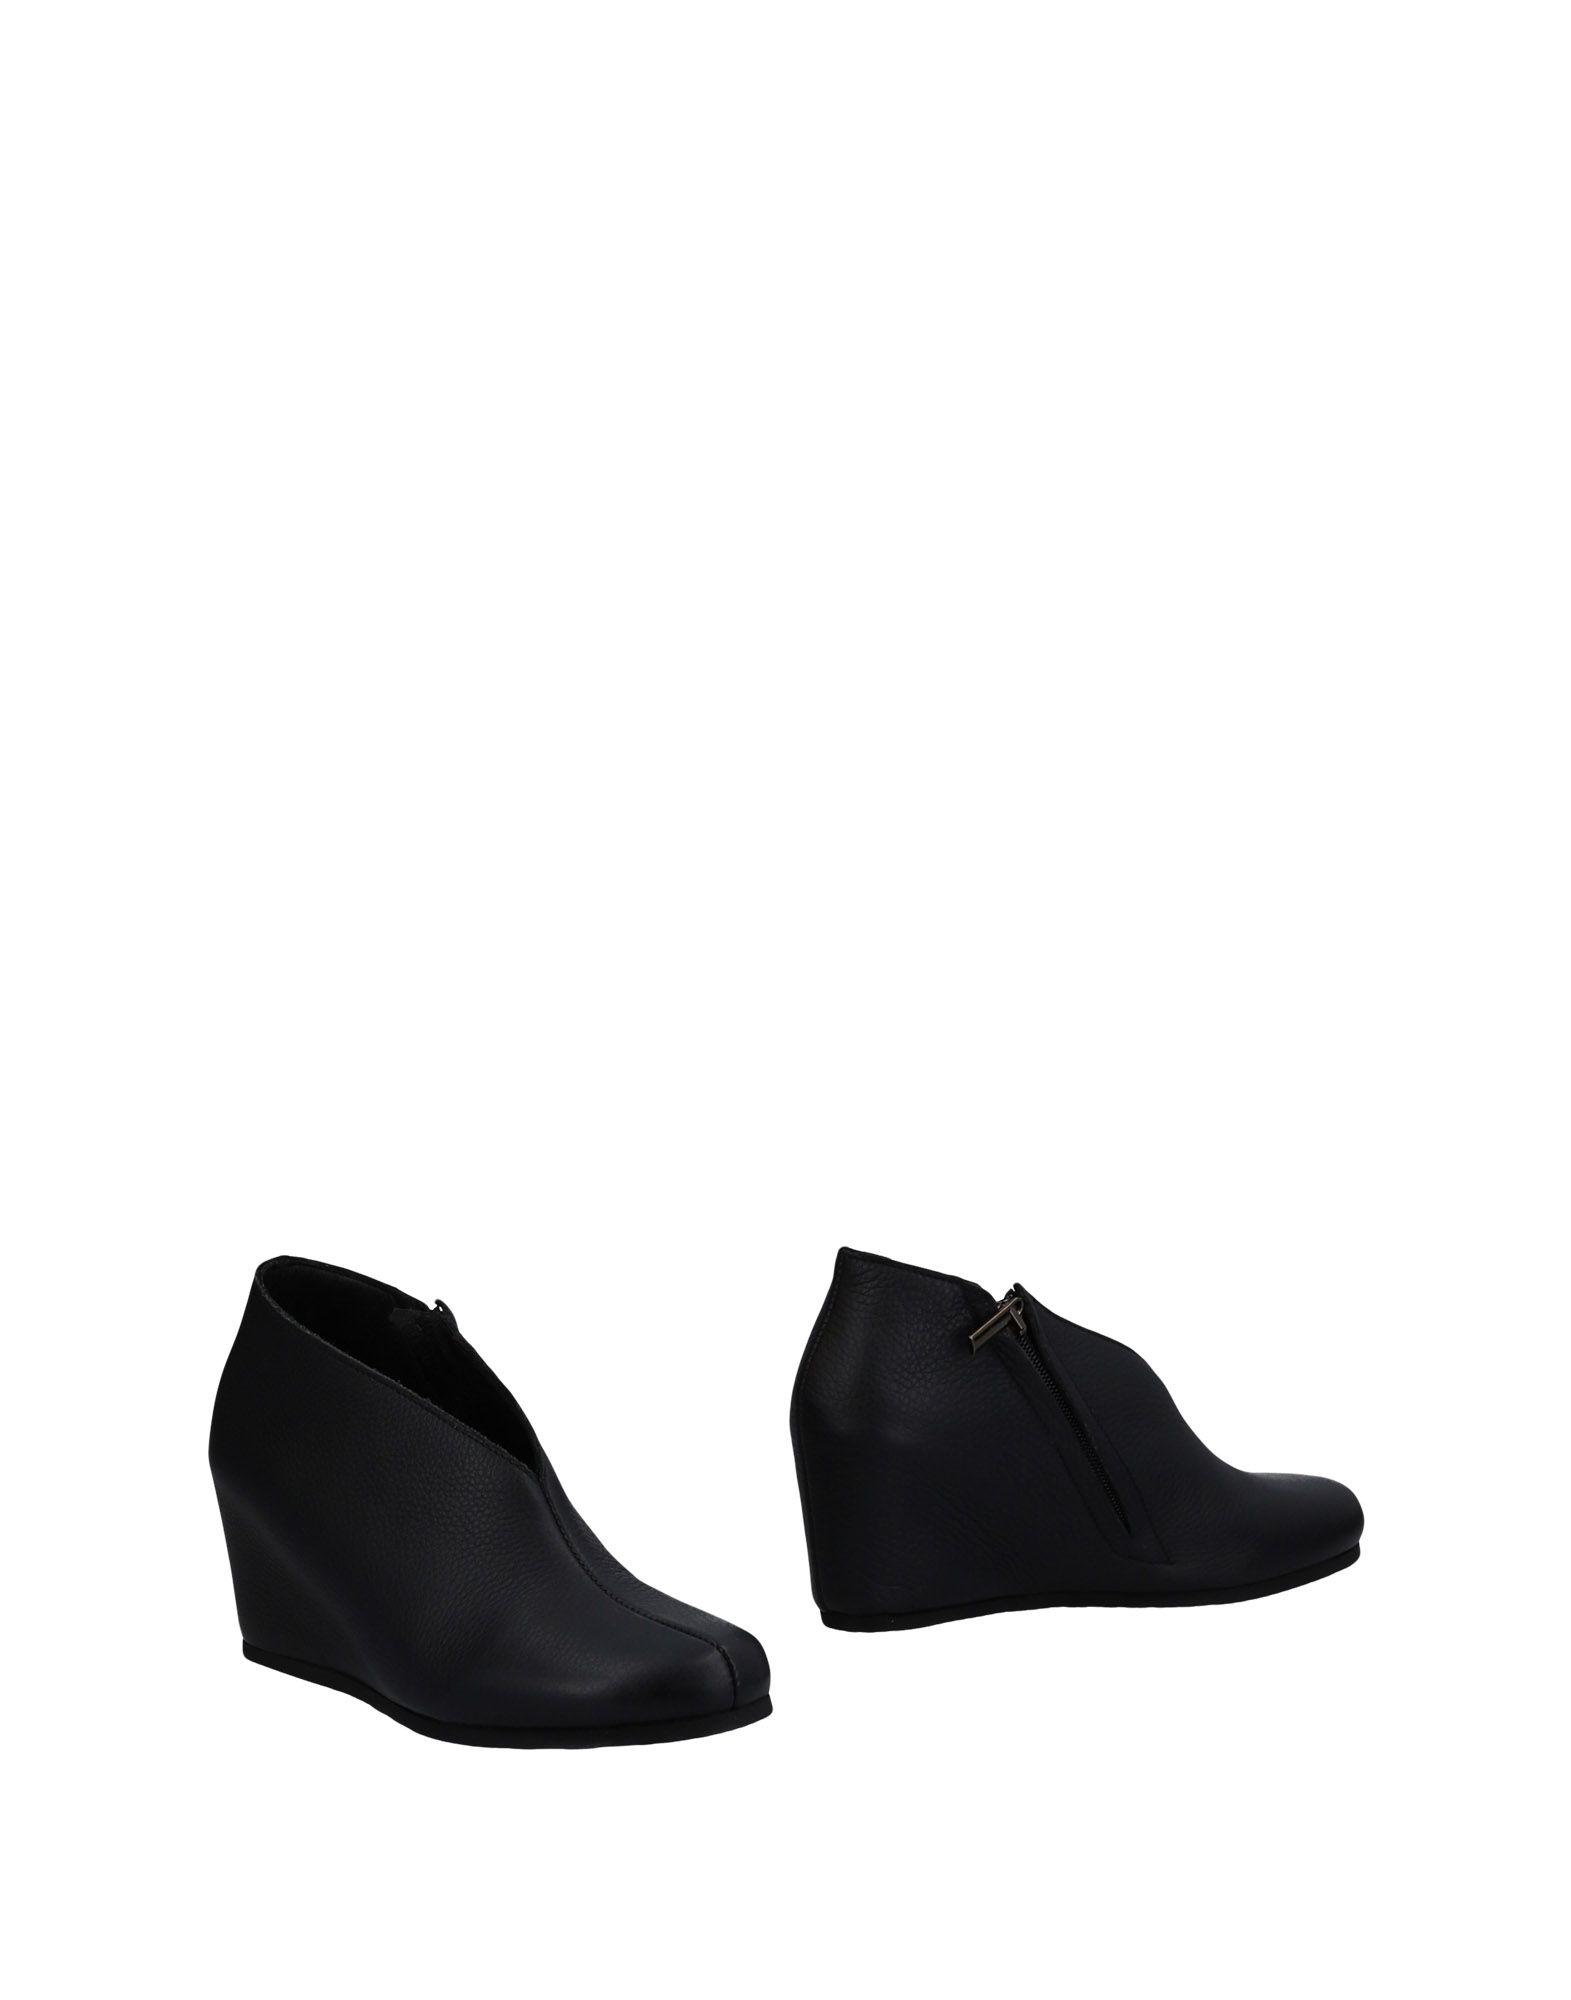 Peter Non Stiefelette Damen  11488247VMGut aussehende strapazierfähige Schuhe